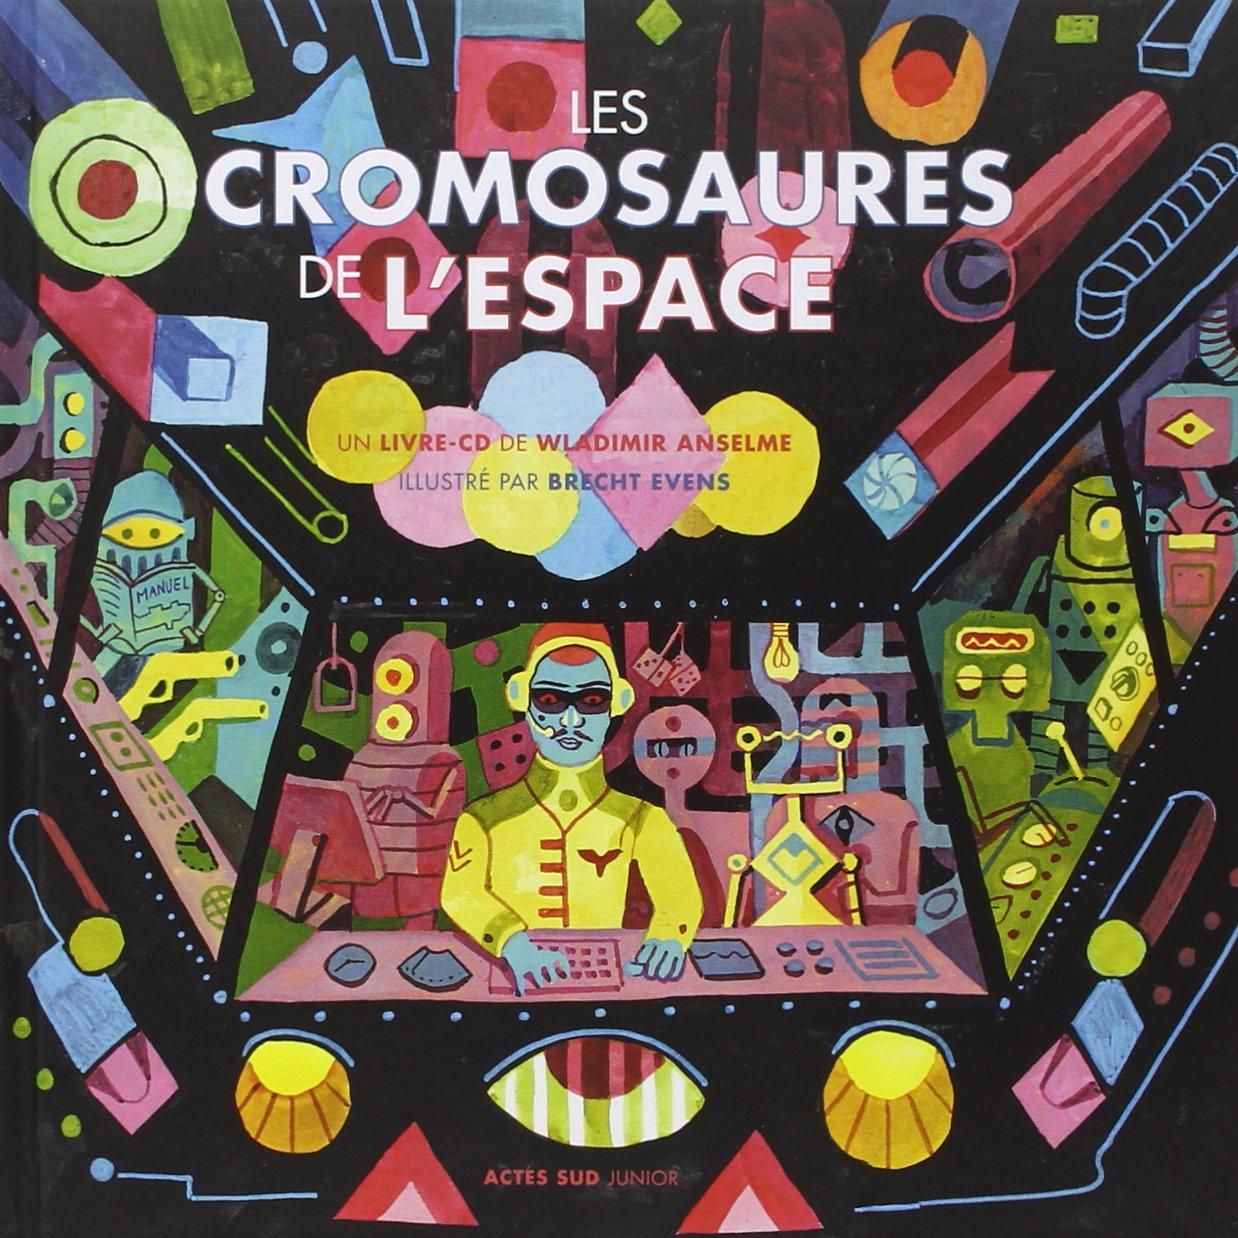 Les cromosaures de l'espace / Wladimir Anselme, comp., réal. & narr. |